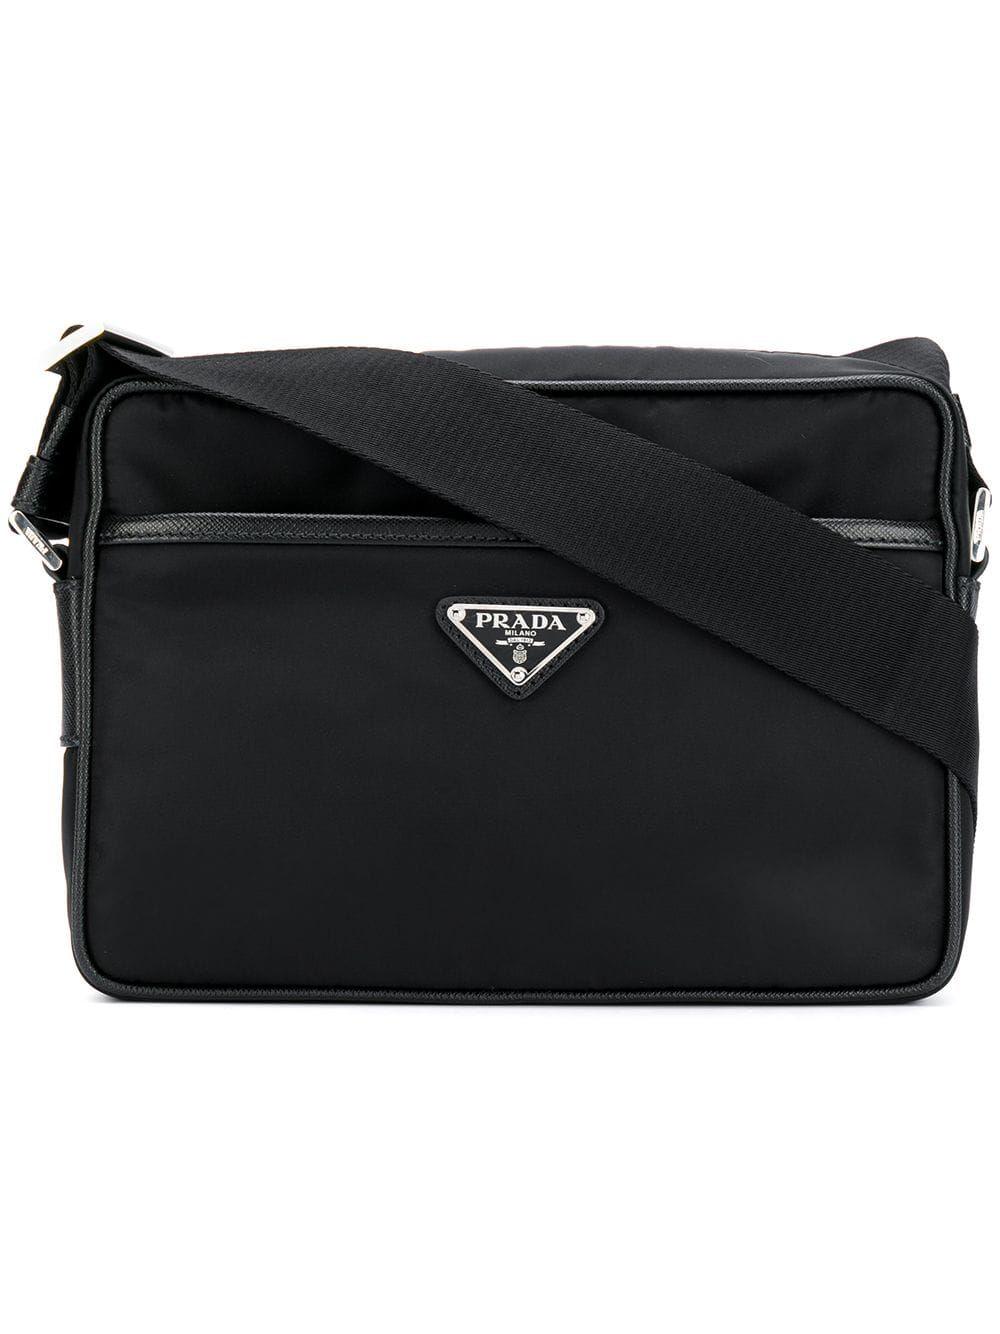 147d1f756f0 PRADA PRADA LOGO PLAQUE MESSENGER BAG - BLACK.  prada  bags  shoulder bags   leather  lining